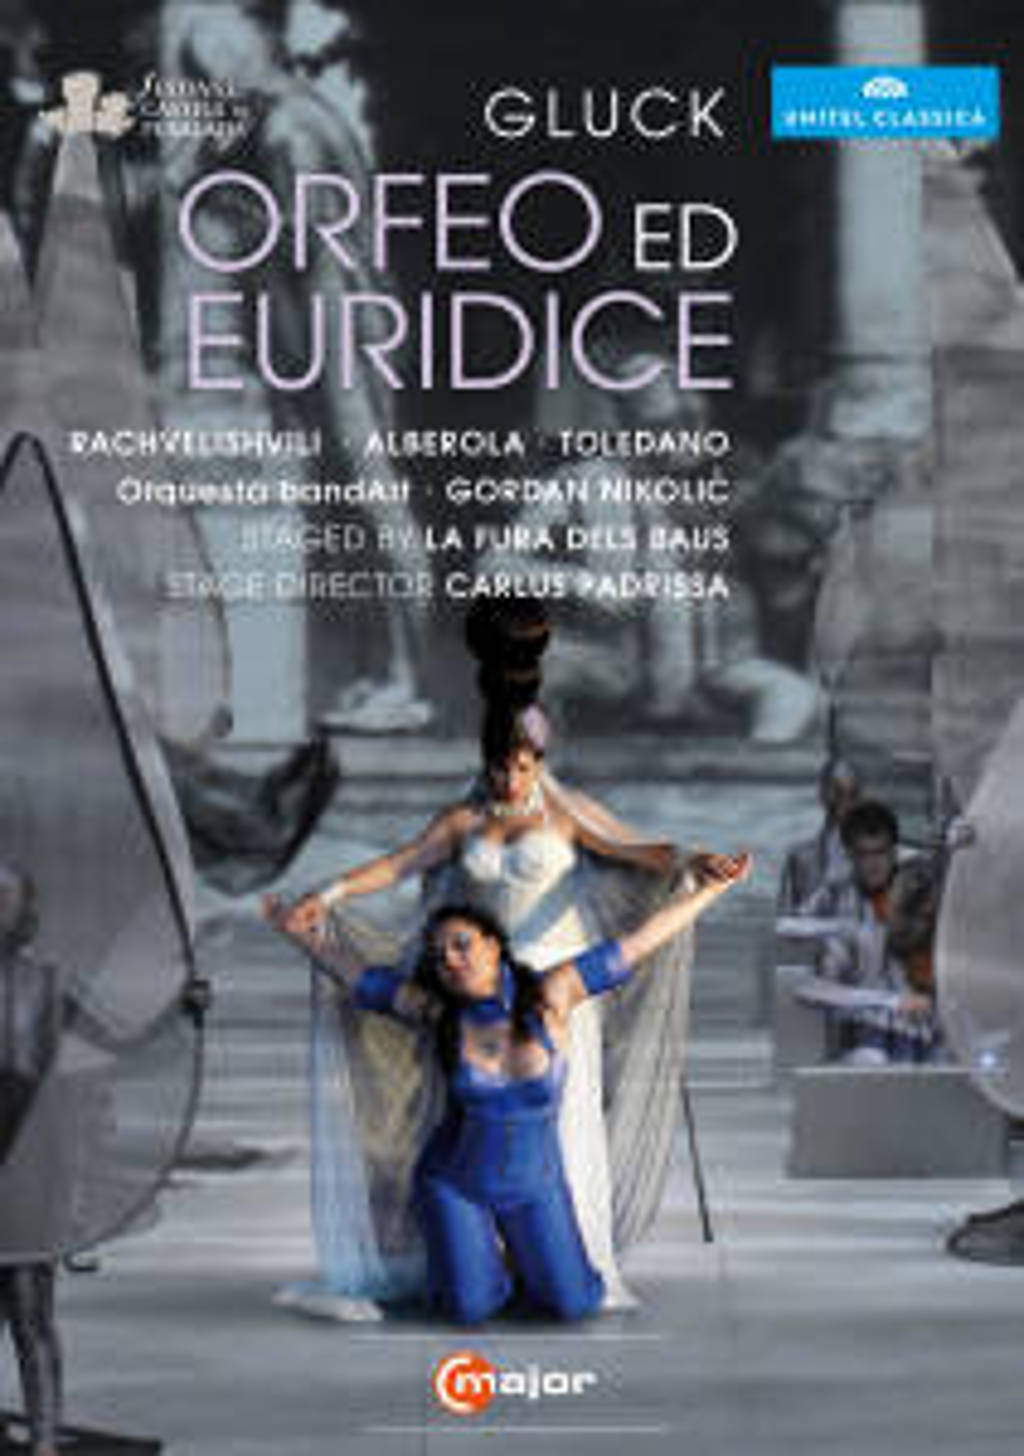 Rachvelishvili,Alberola,Toledano - Orfeo Ed Euridice, Festival Castell (DVD)